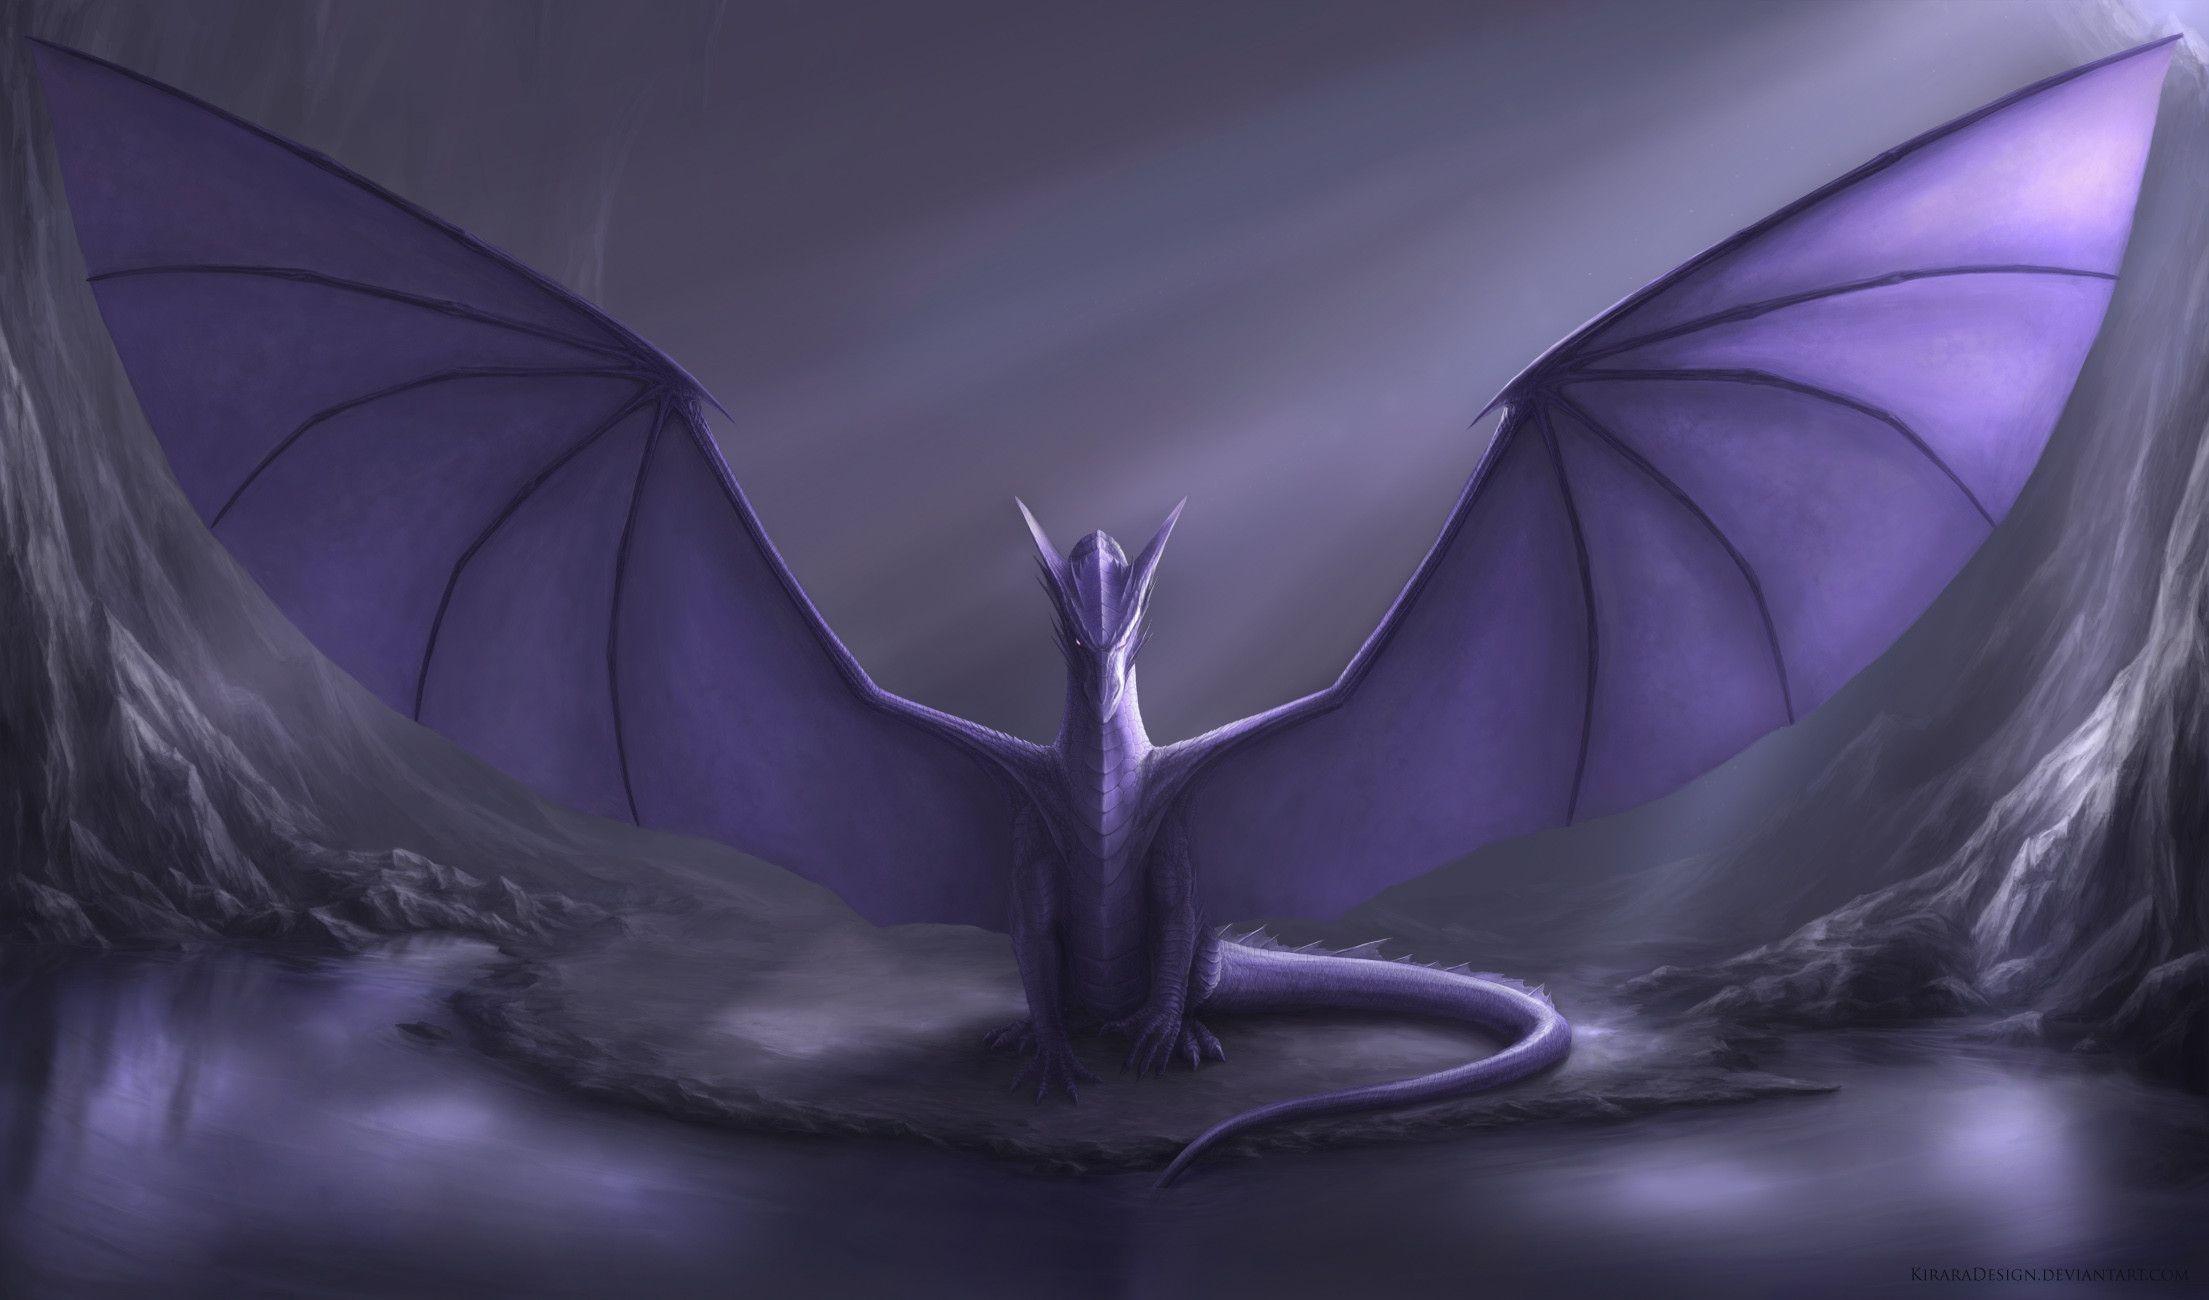 dragon wallpaper 1920x1080 183�� download free cool